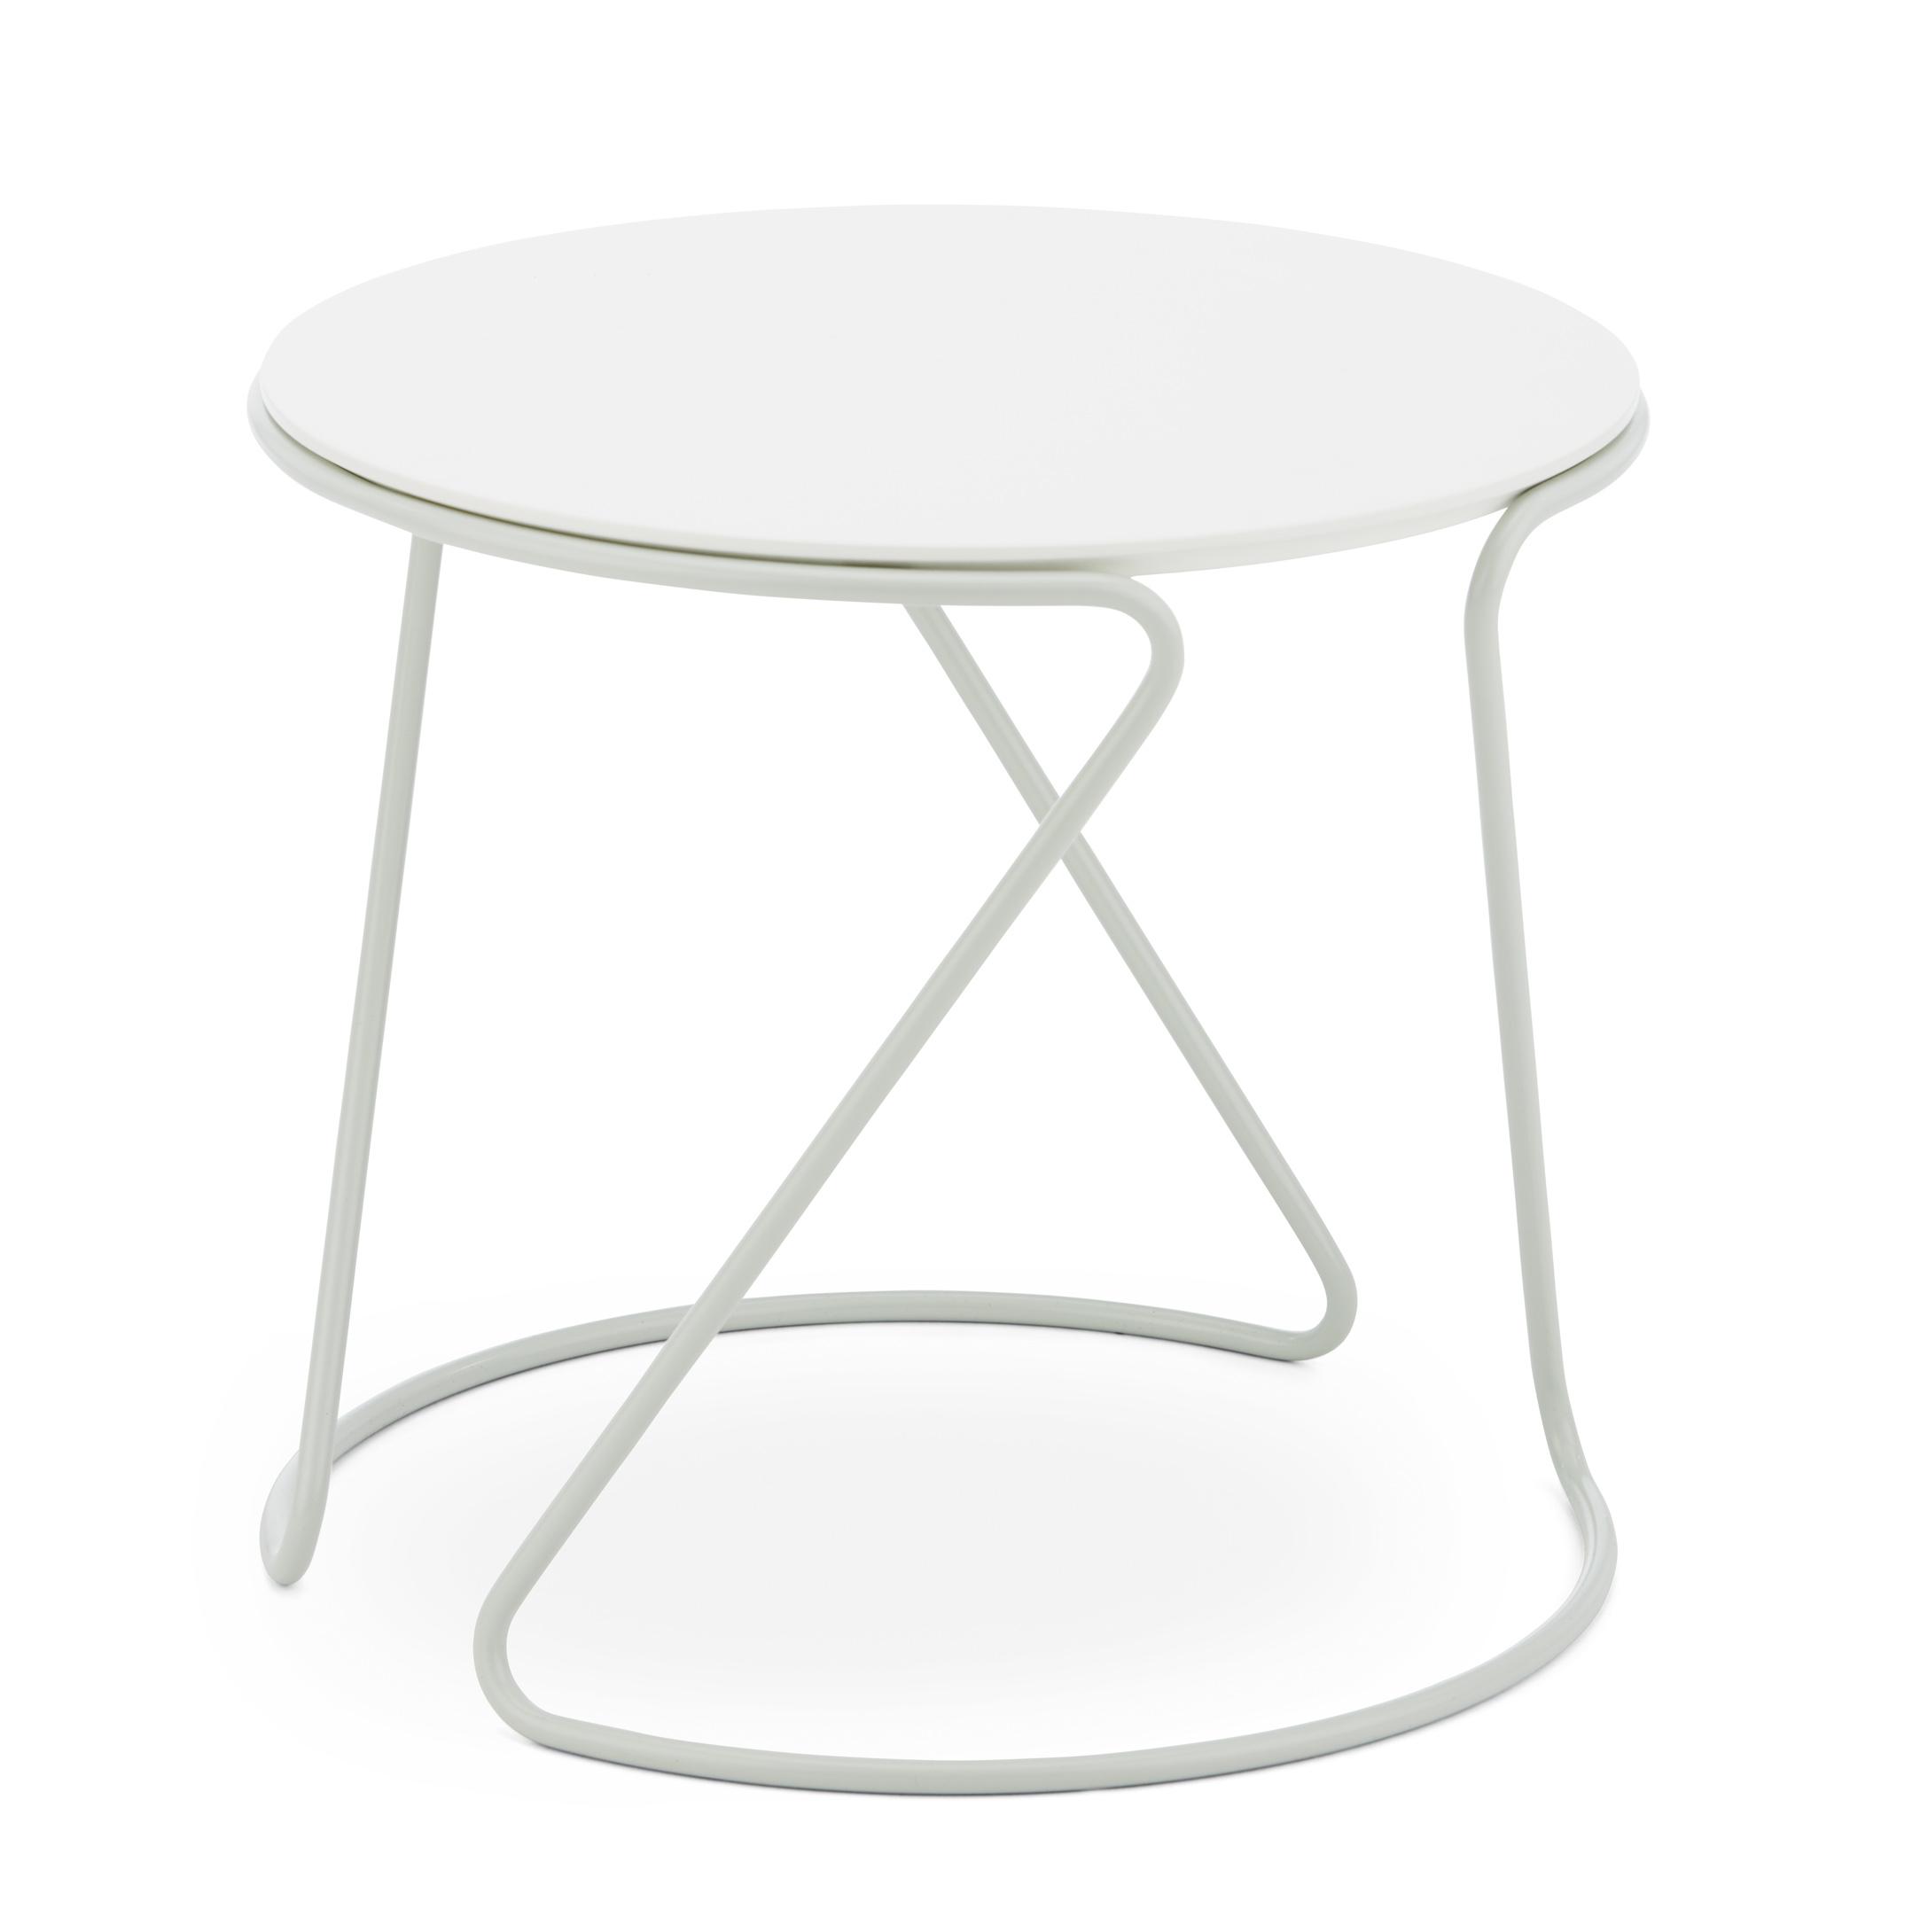 Tavolo d'appoggio Thonet S 18 design Uli Budde, bianco